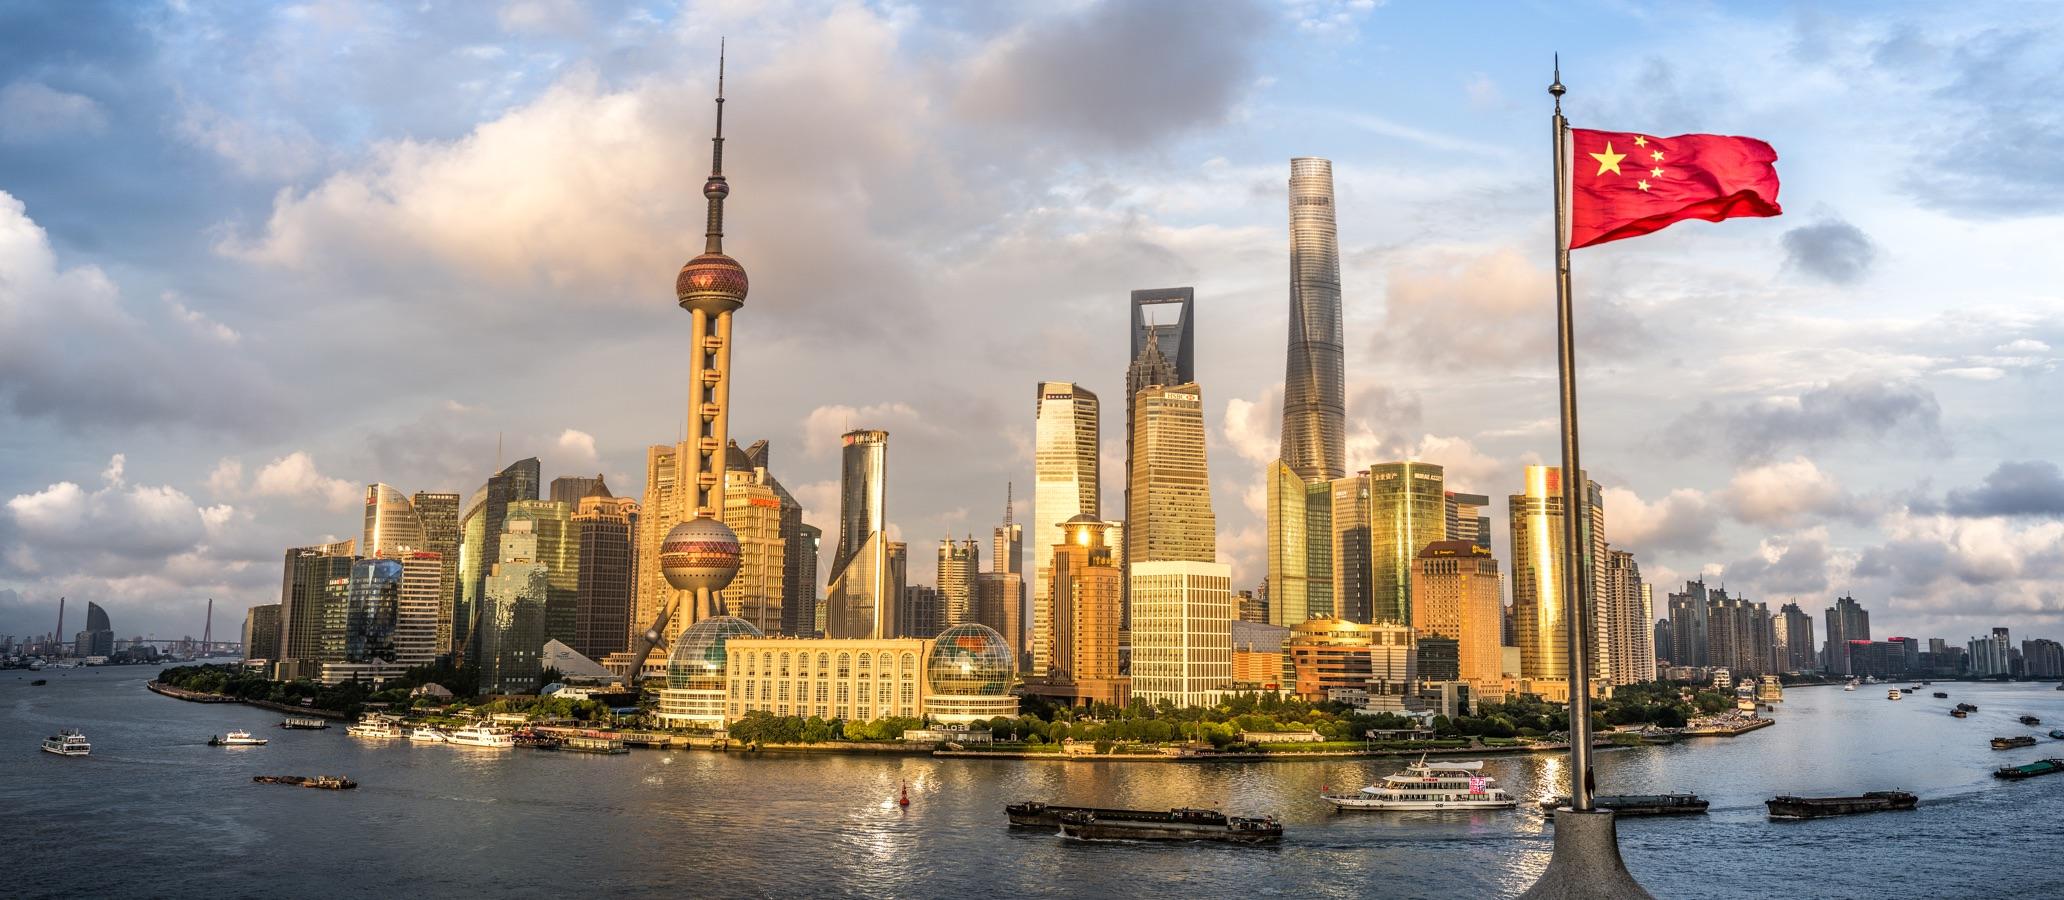 KKR上海办公室开幕,进一步增强中国区实力